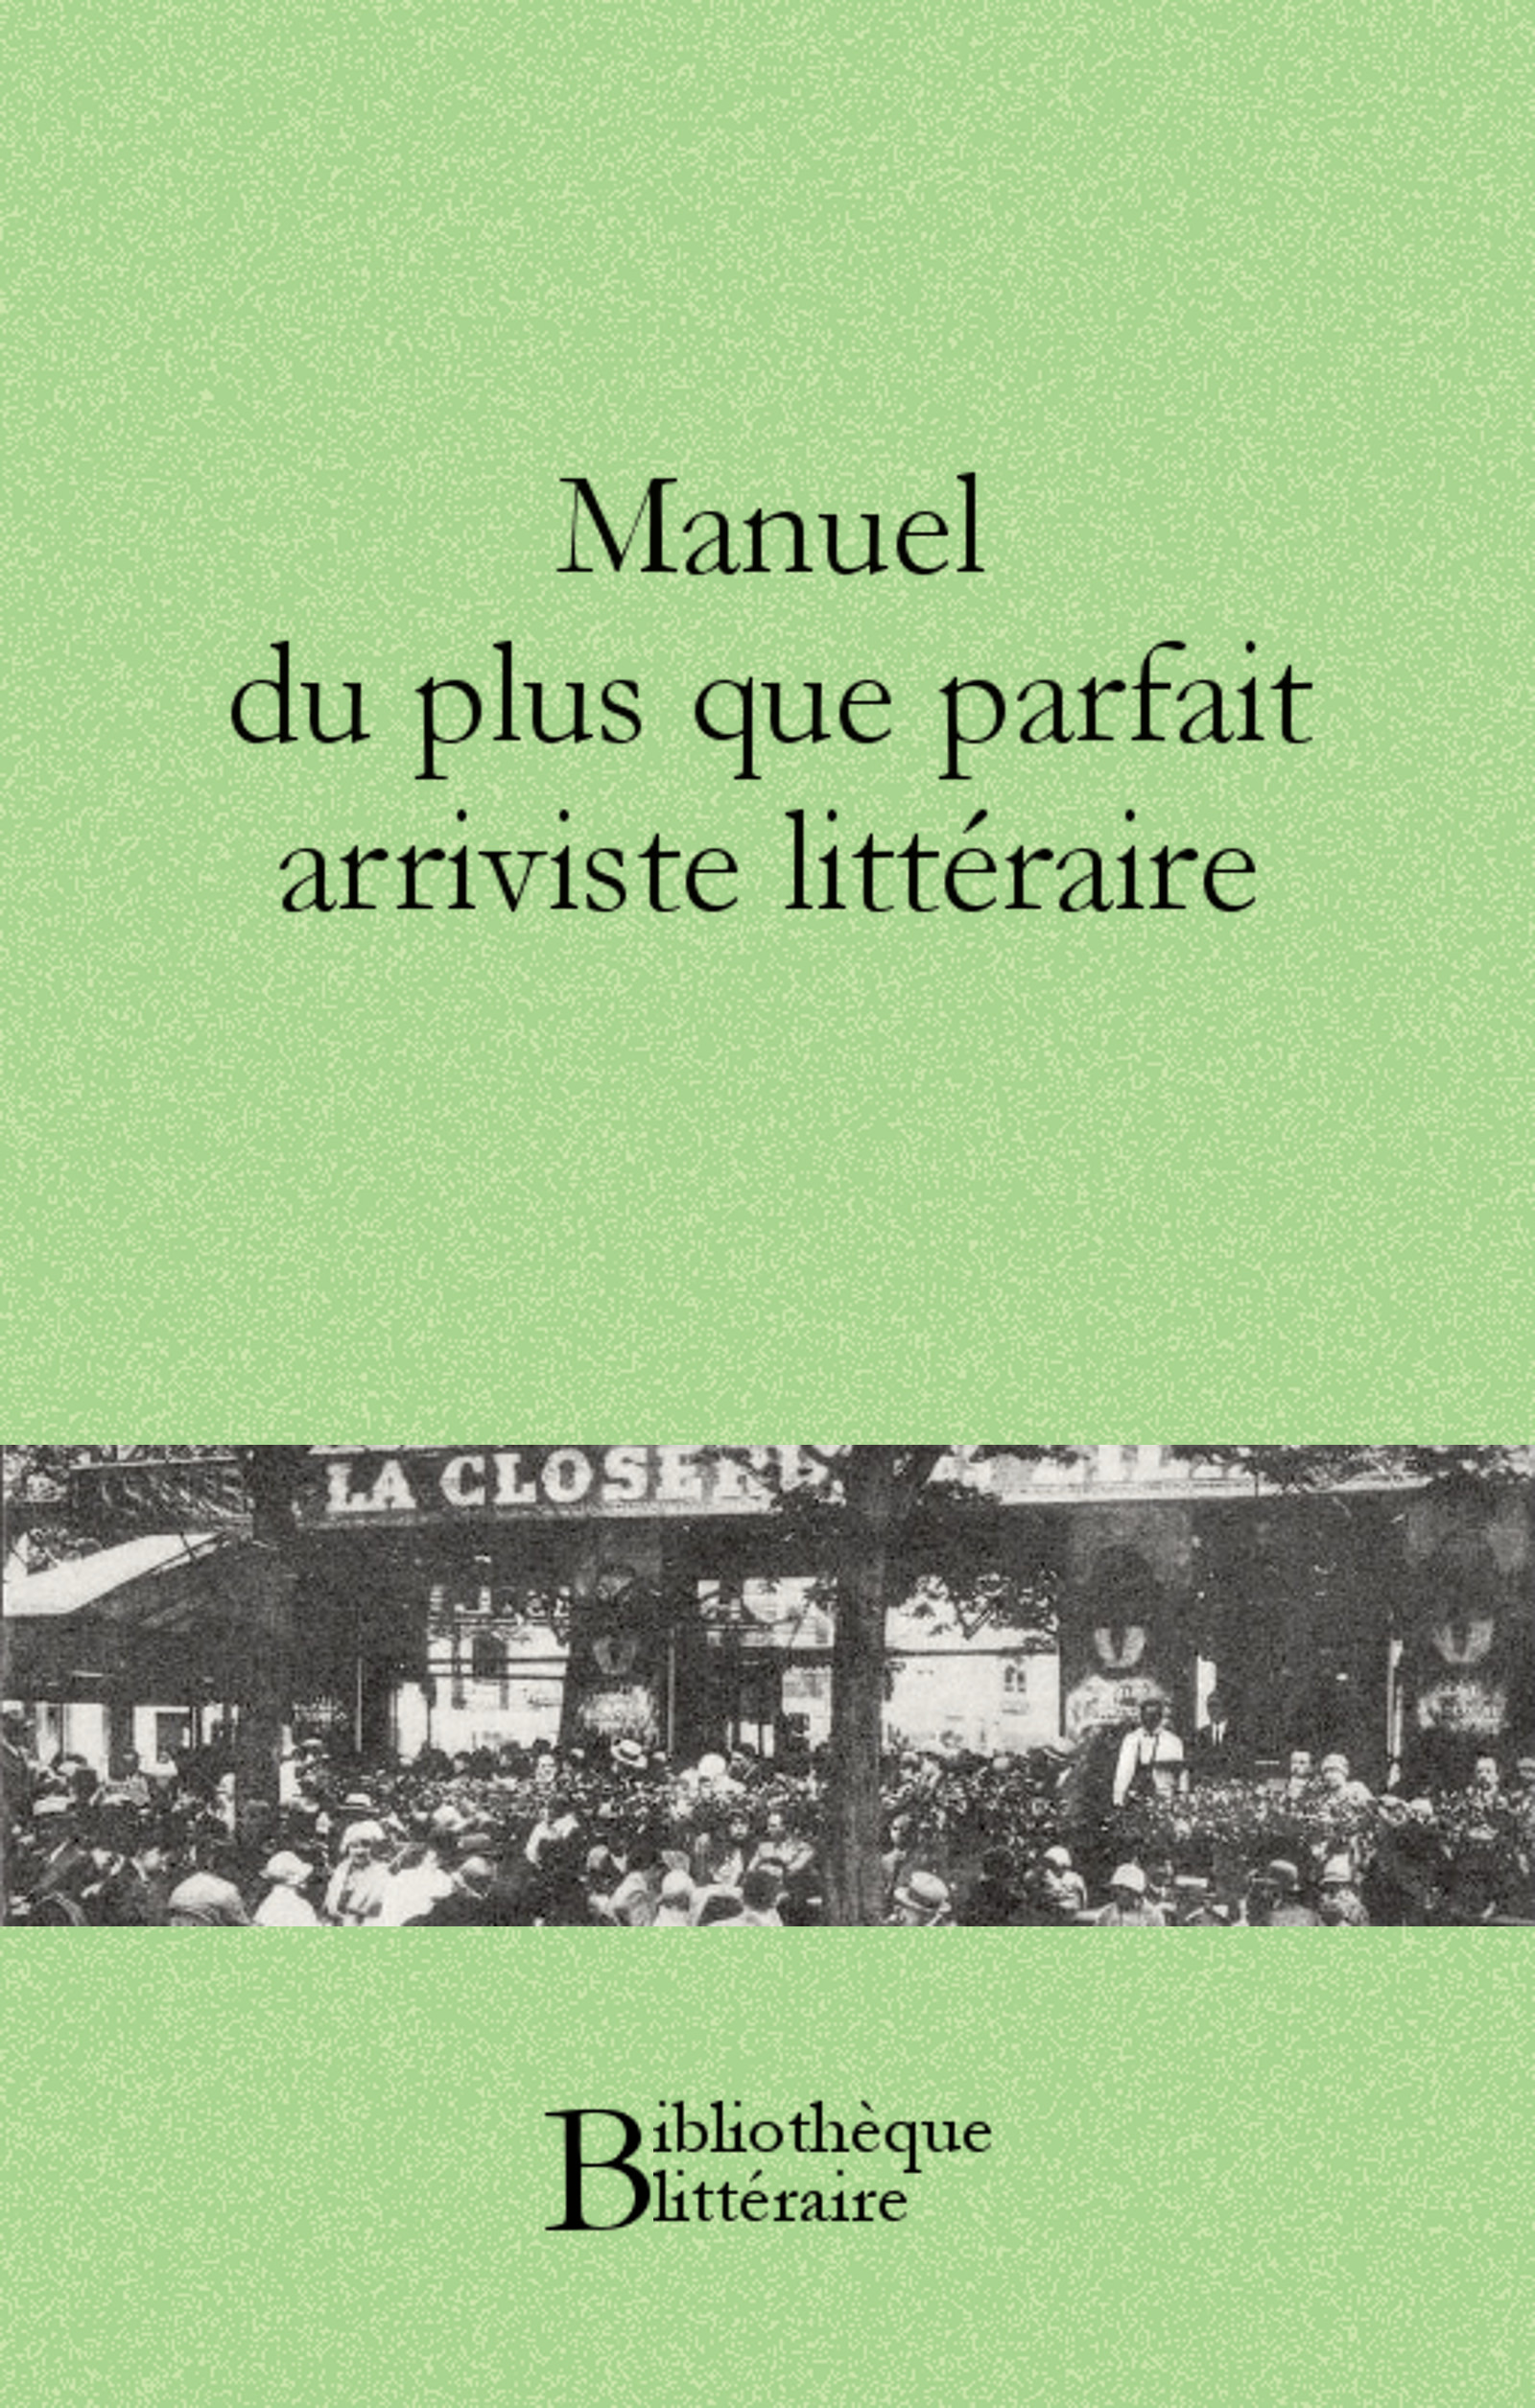 Manuel du plus que parfait arriviste littéraire